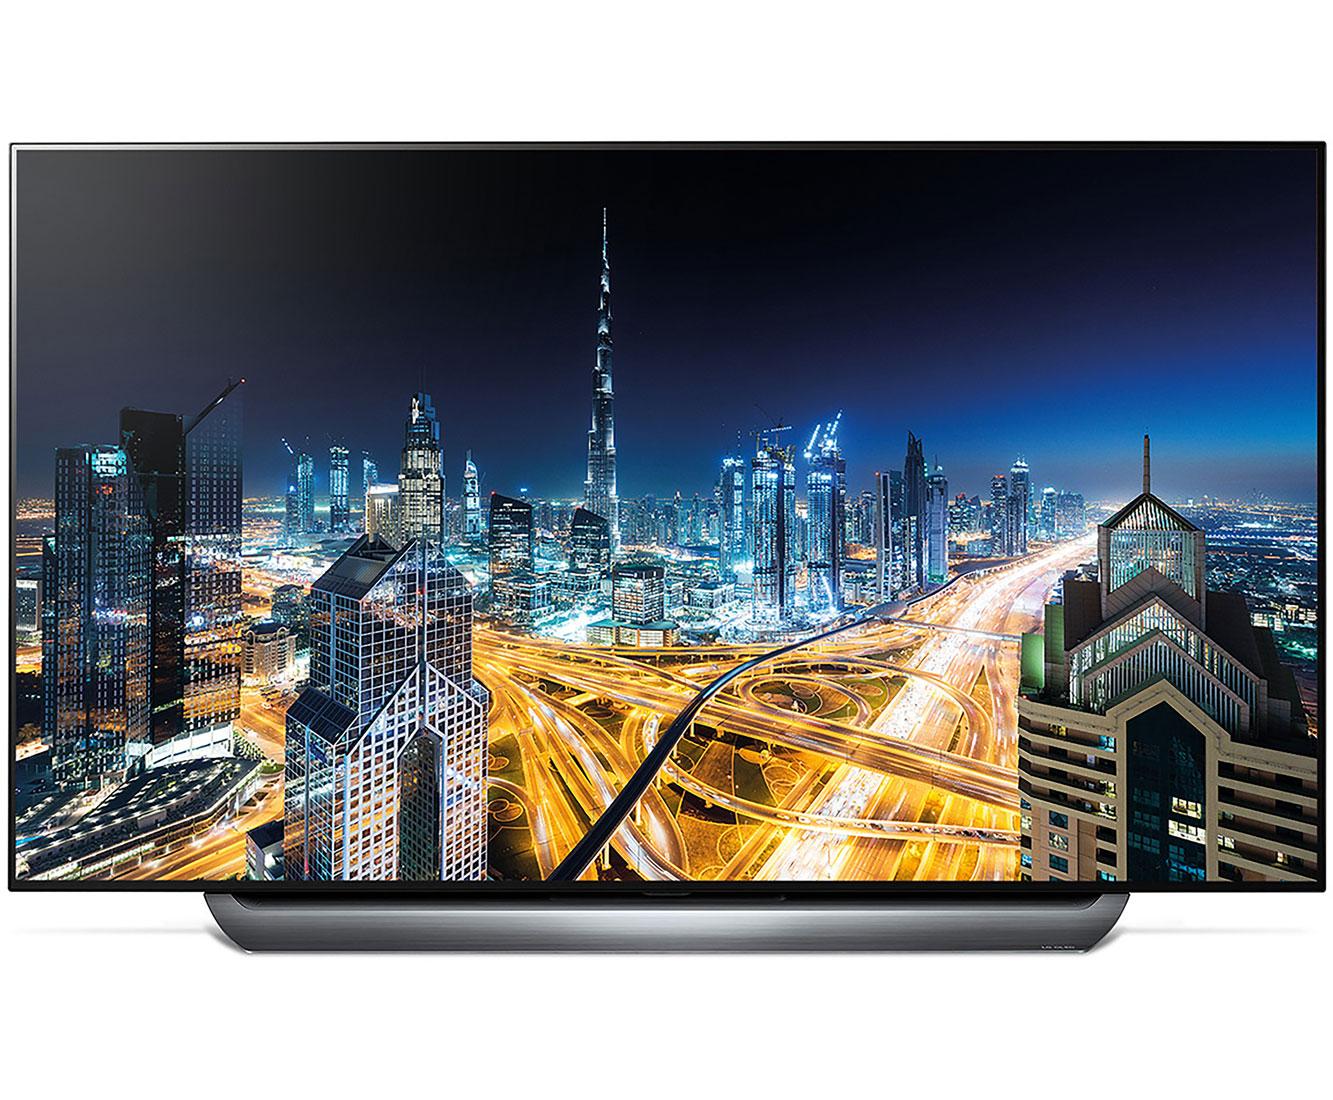 LG OLED55C8LLA Fernseher - Silber